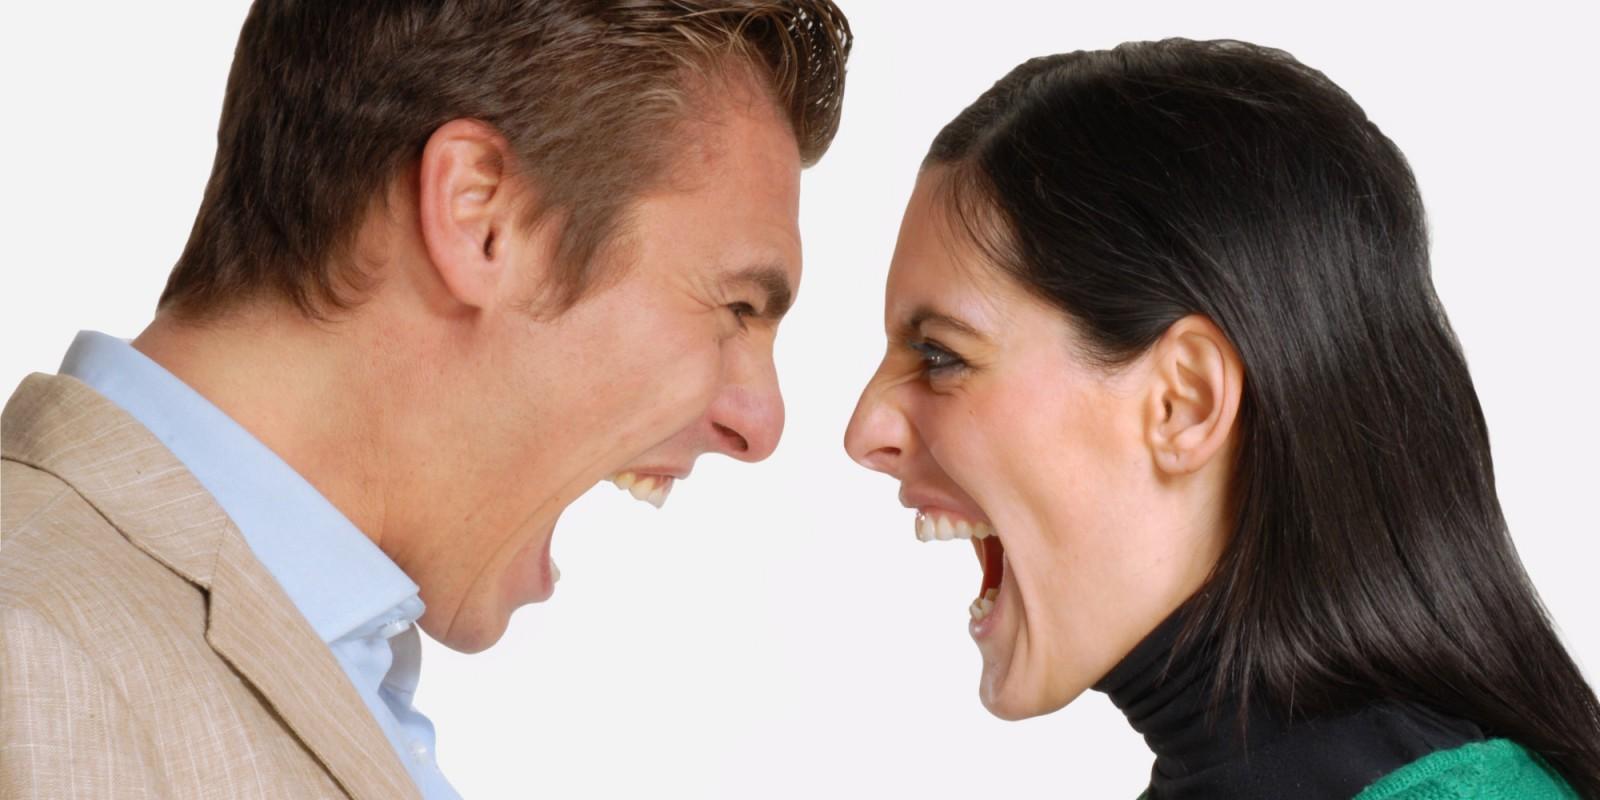 Studiu: Putem determina cât de puternici sunt cei din jur doar prin intermediul tonului vocii lor